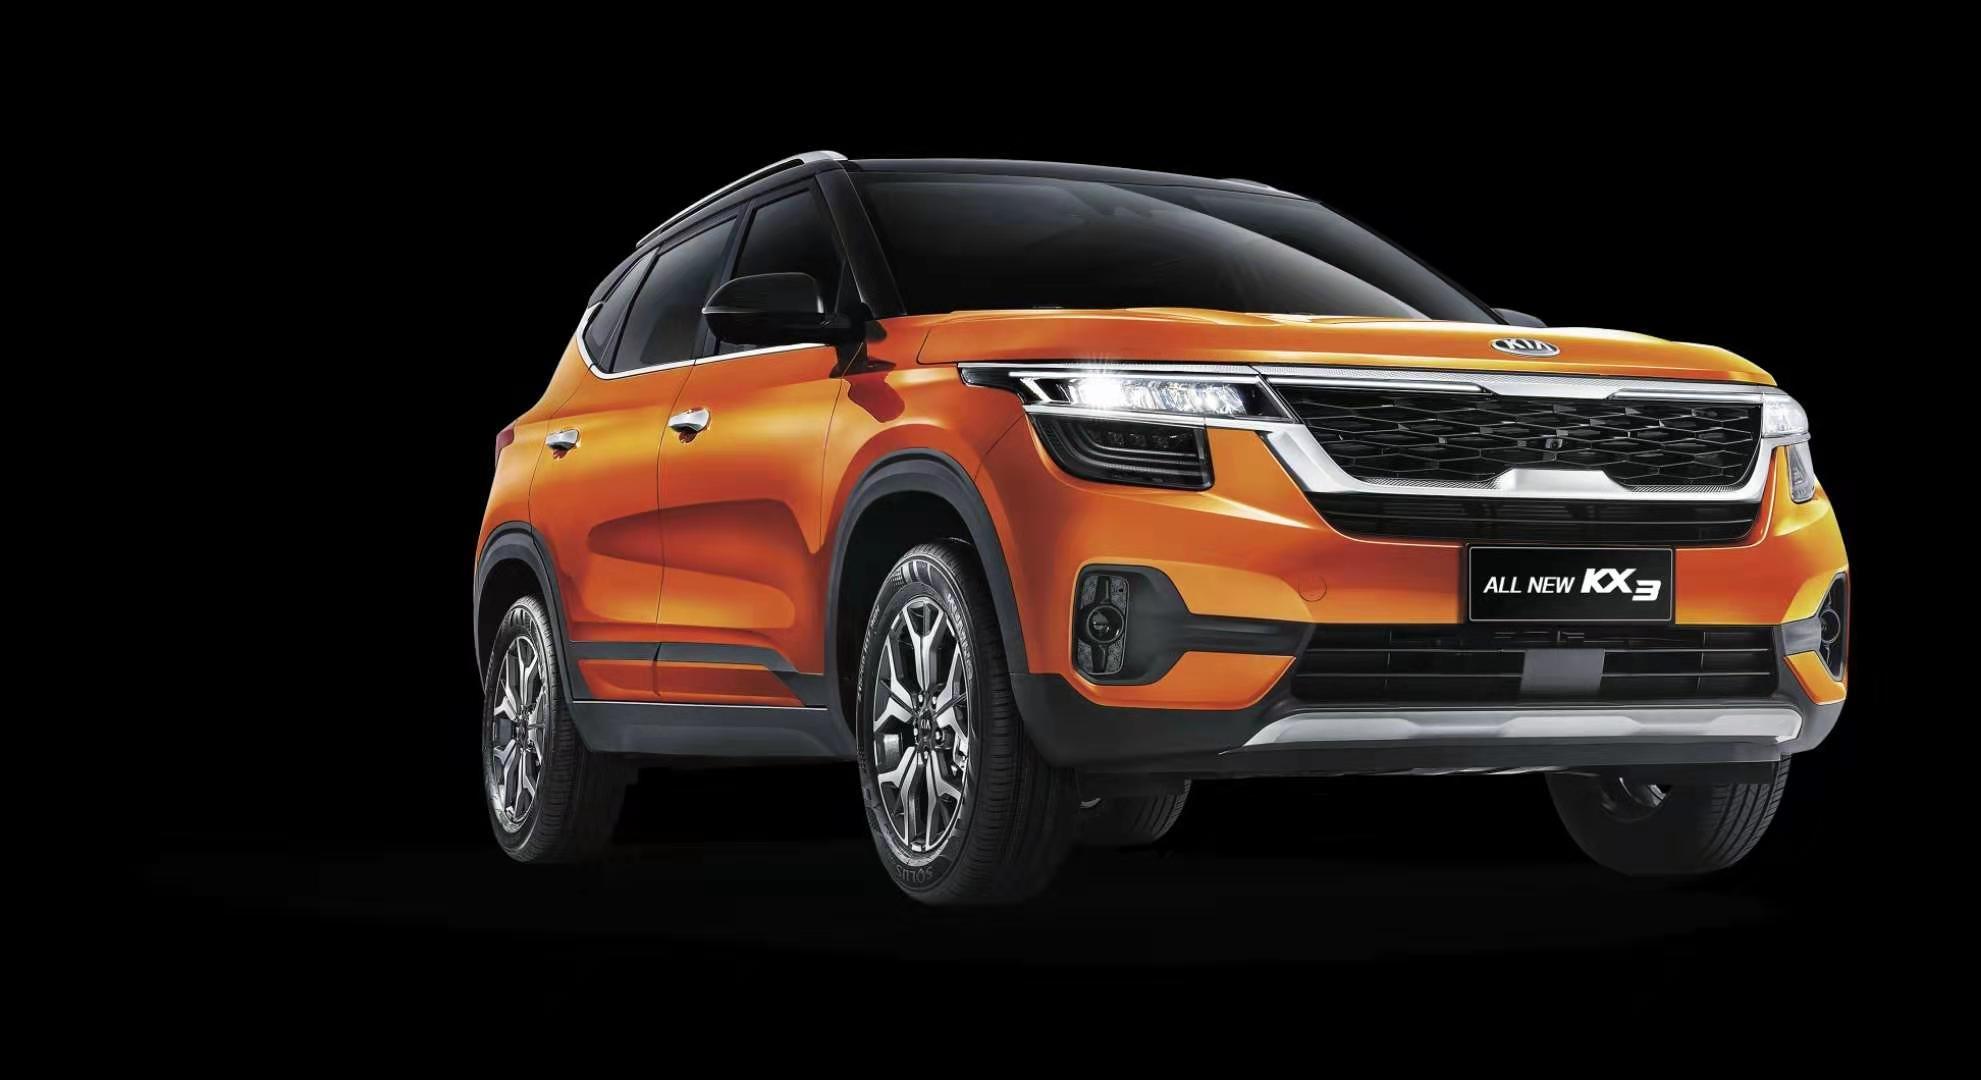 2020-kia-kx3-china-seltos-7